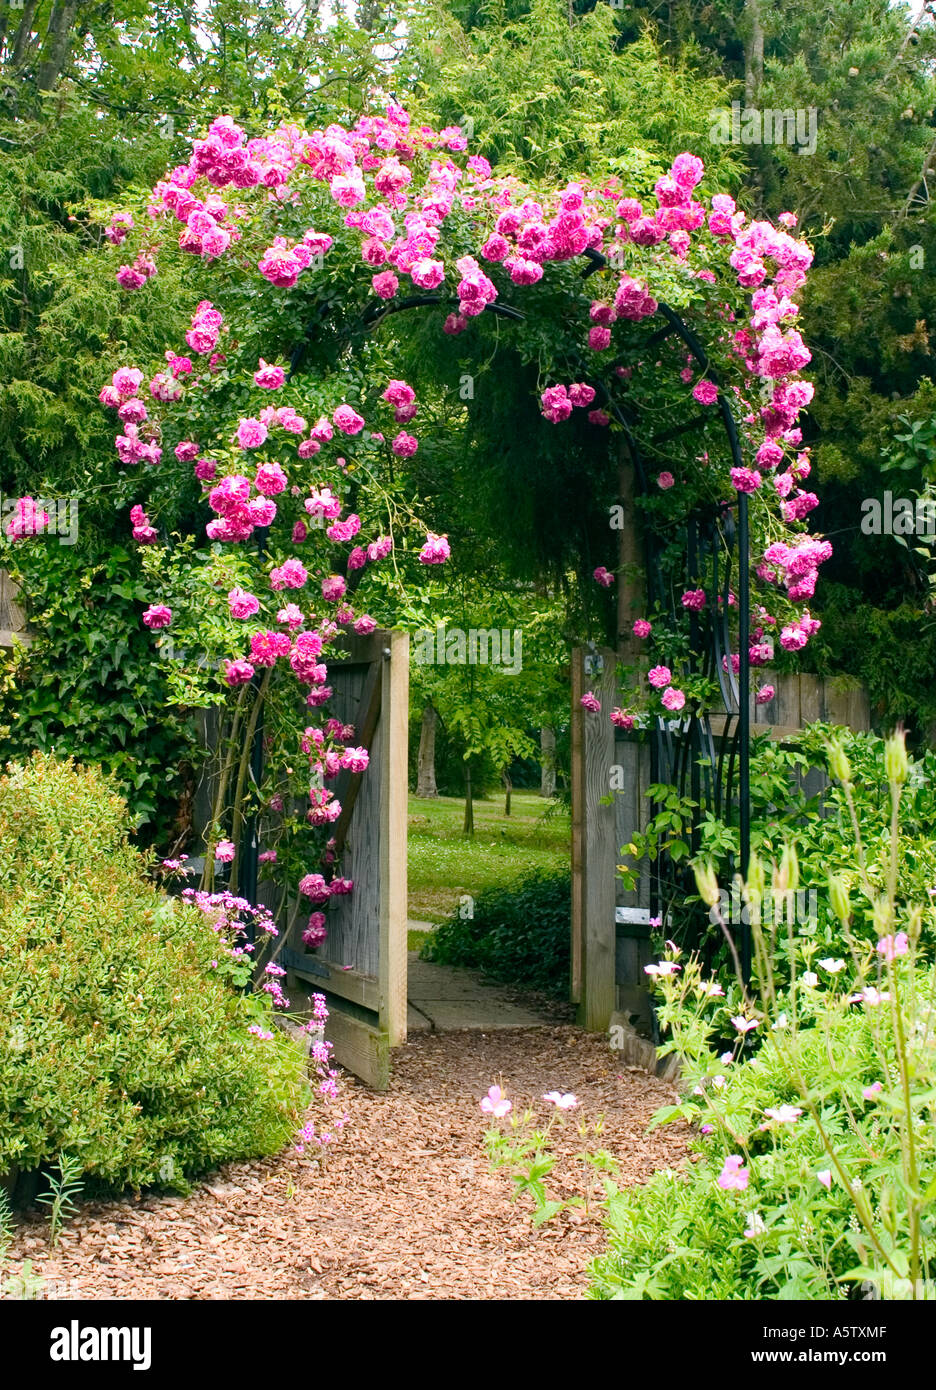 Rosas rosas escalar encima de marco de hierro cenador en un jardín ...